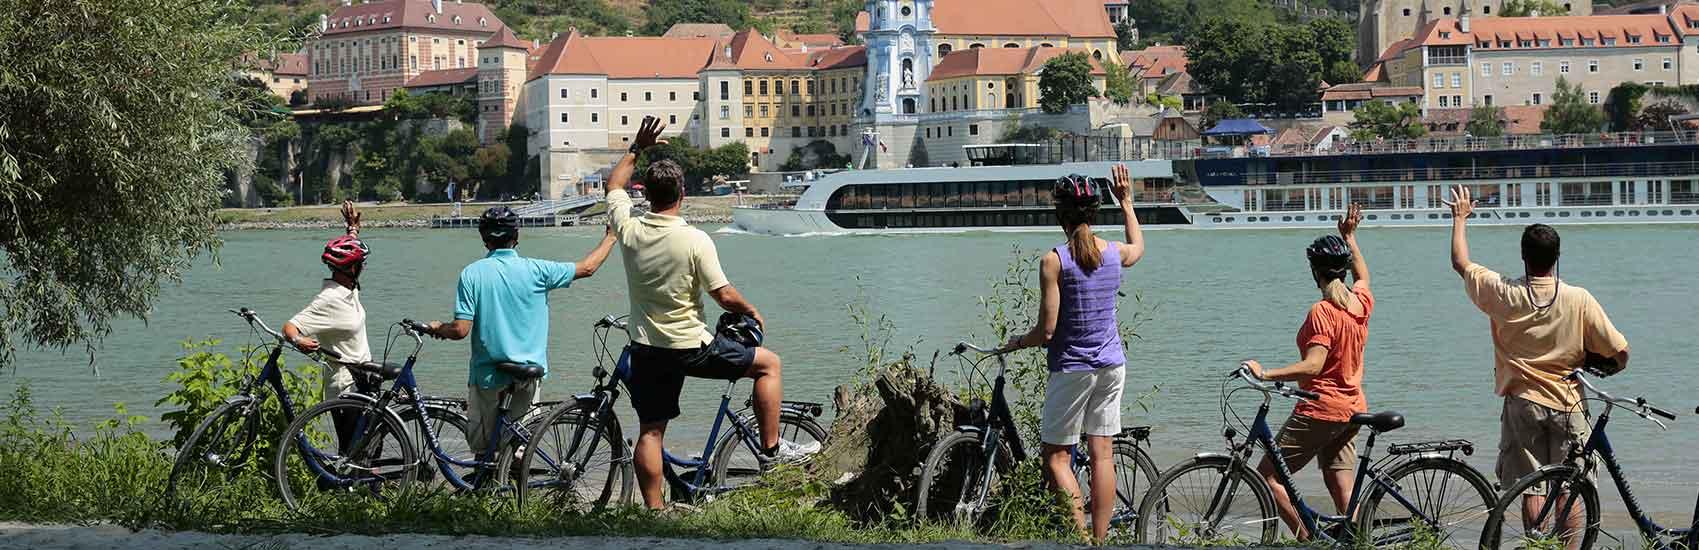 Des réductions exceptionnelles : 2 pour 1 sur certaines croisières fluviales européennes 1